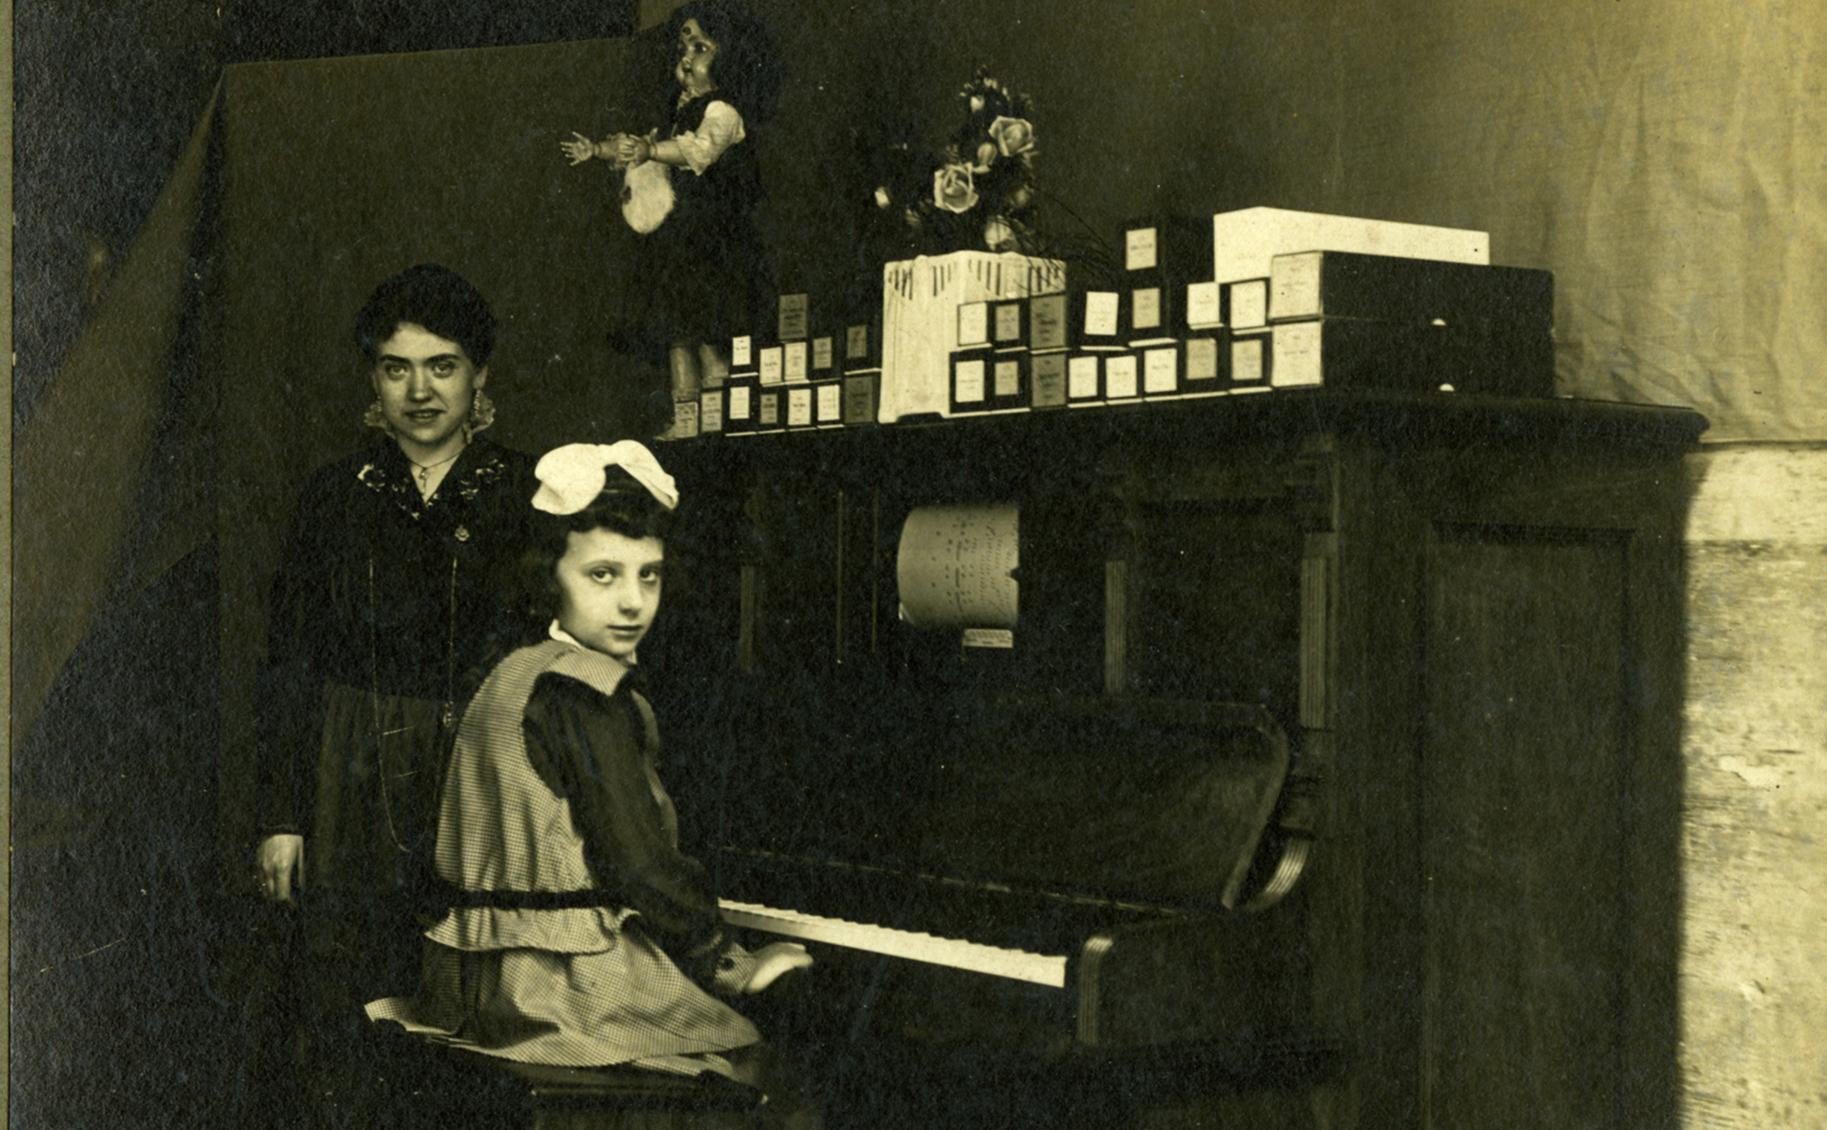 Un achegamento á historia da música mecánica